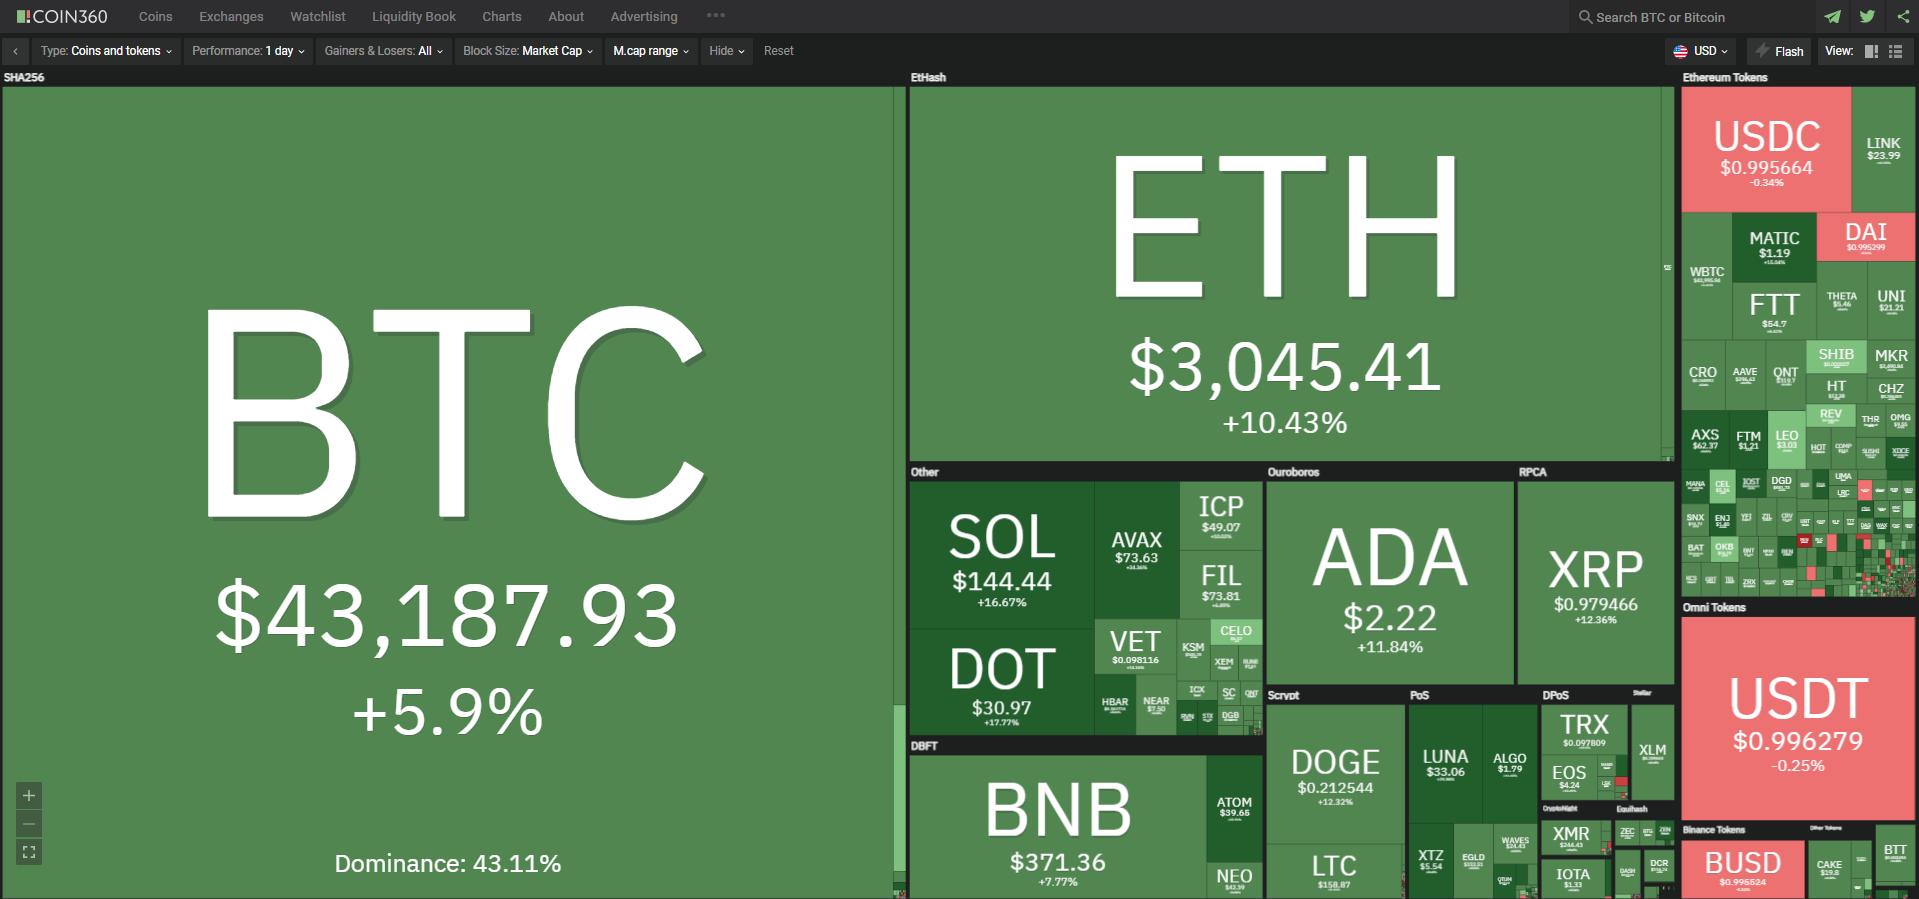 Toàn cảnh thị trường tiền kỹ thuật số hôm nay ngày 23/9/2021. (Nguồn: Coin360.com).